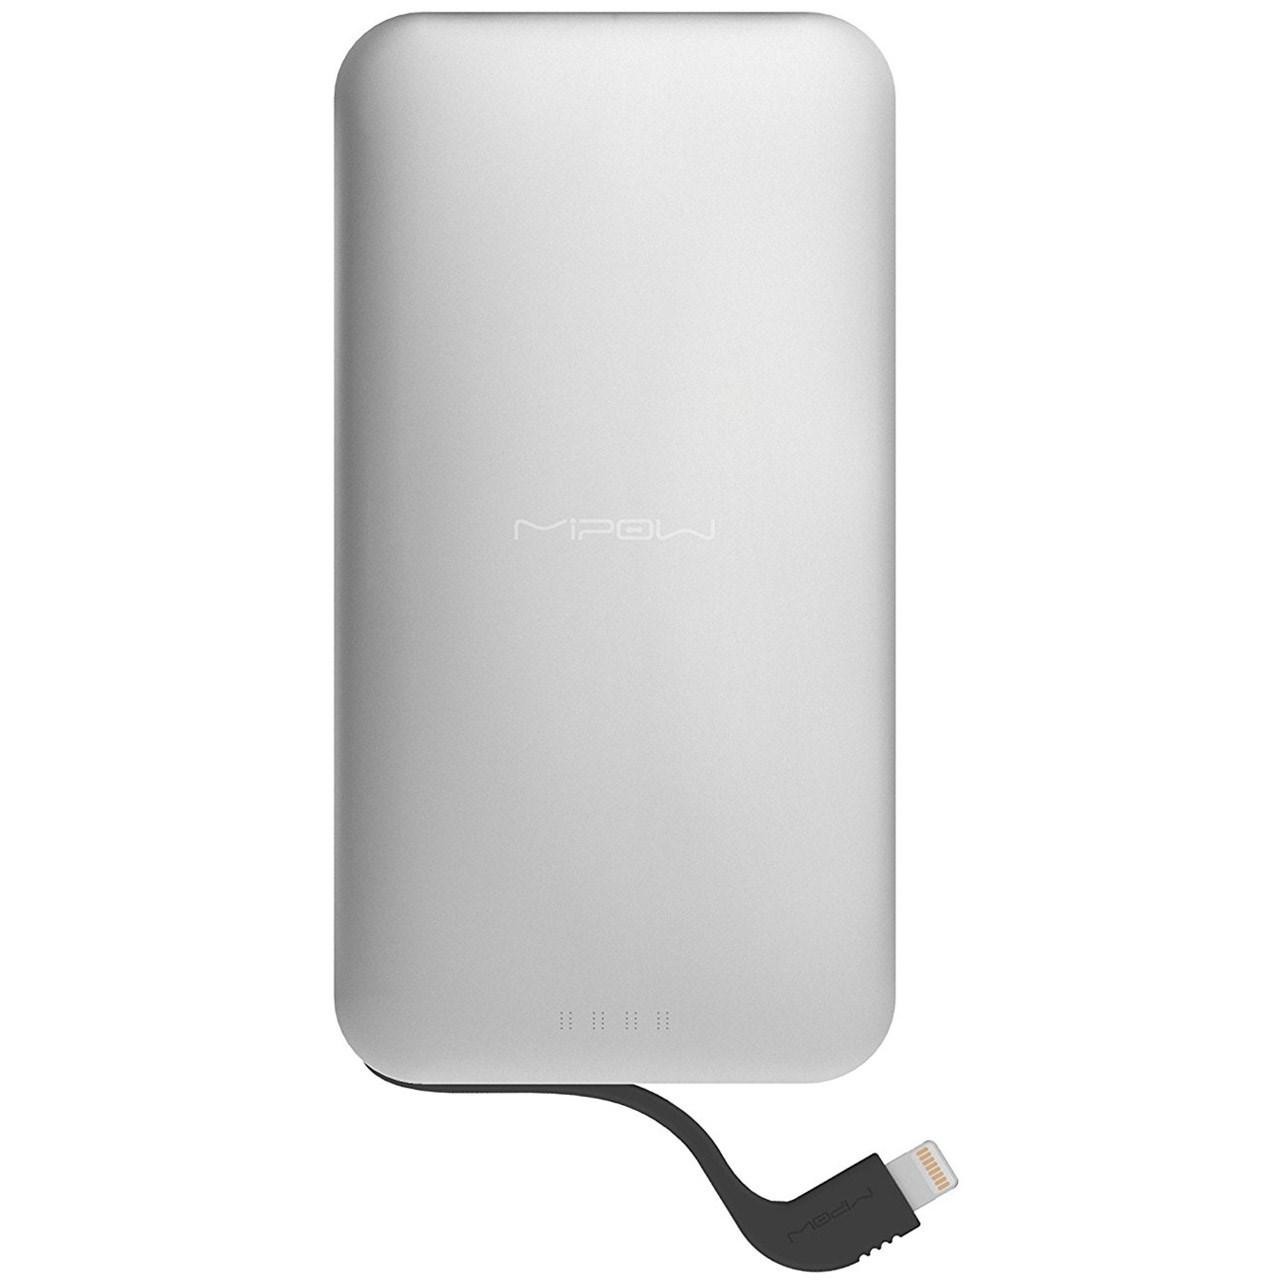 قیمت شارژر همراه مایپو مدل Power Cube 5000l ظرفیت 5000 میلی آمپرساعت